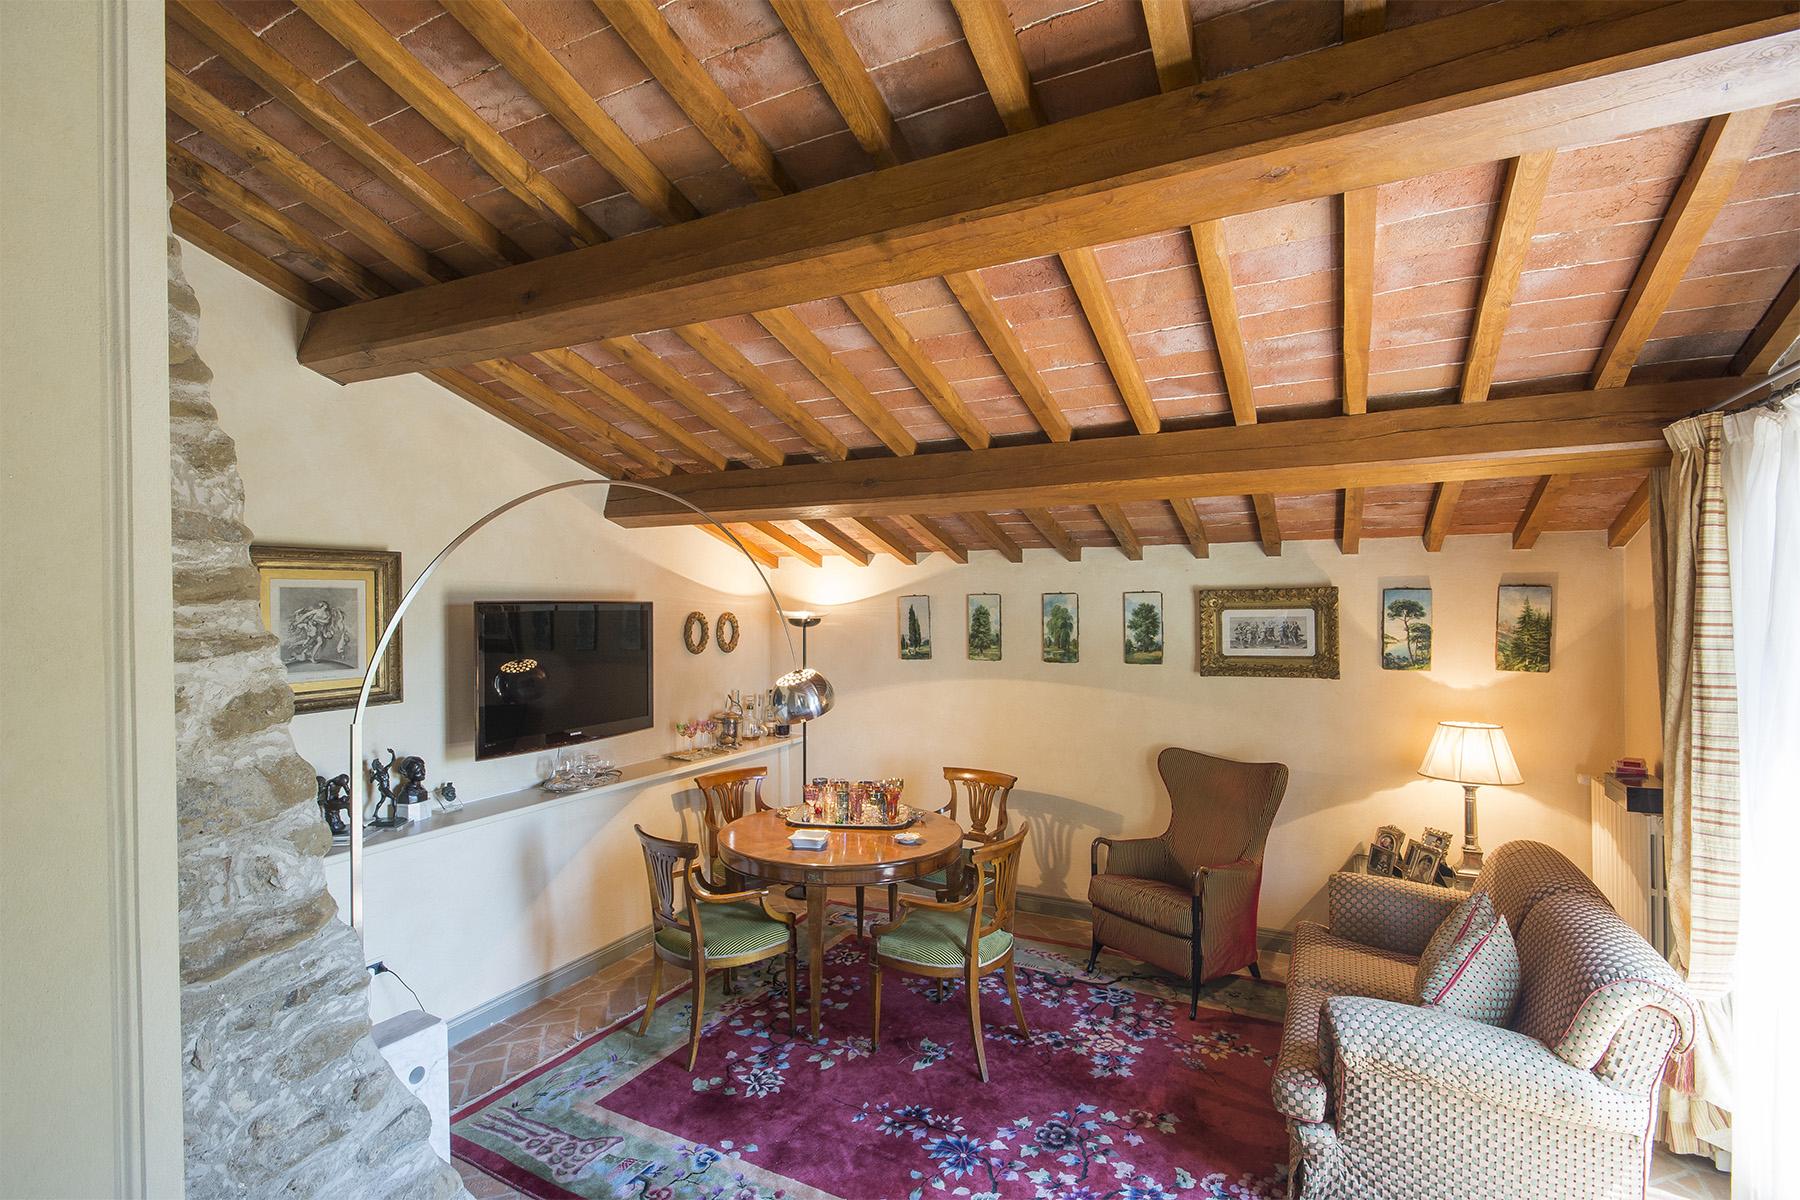 Rustico in Vendita a Vinci: 5 locali, 414 mq - Foto 8